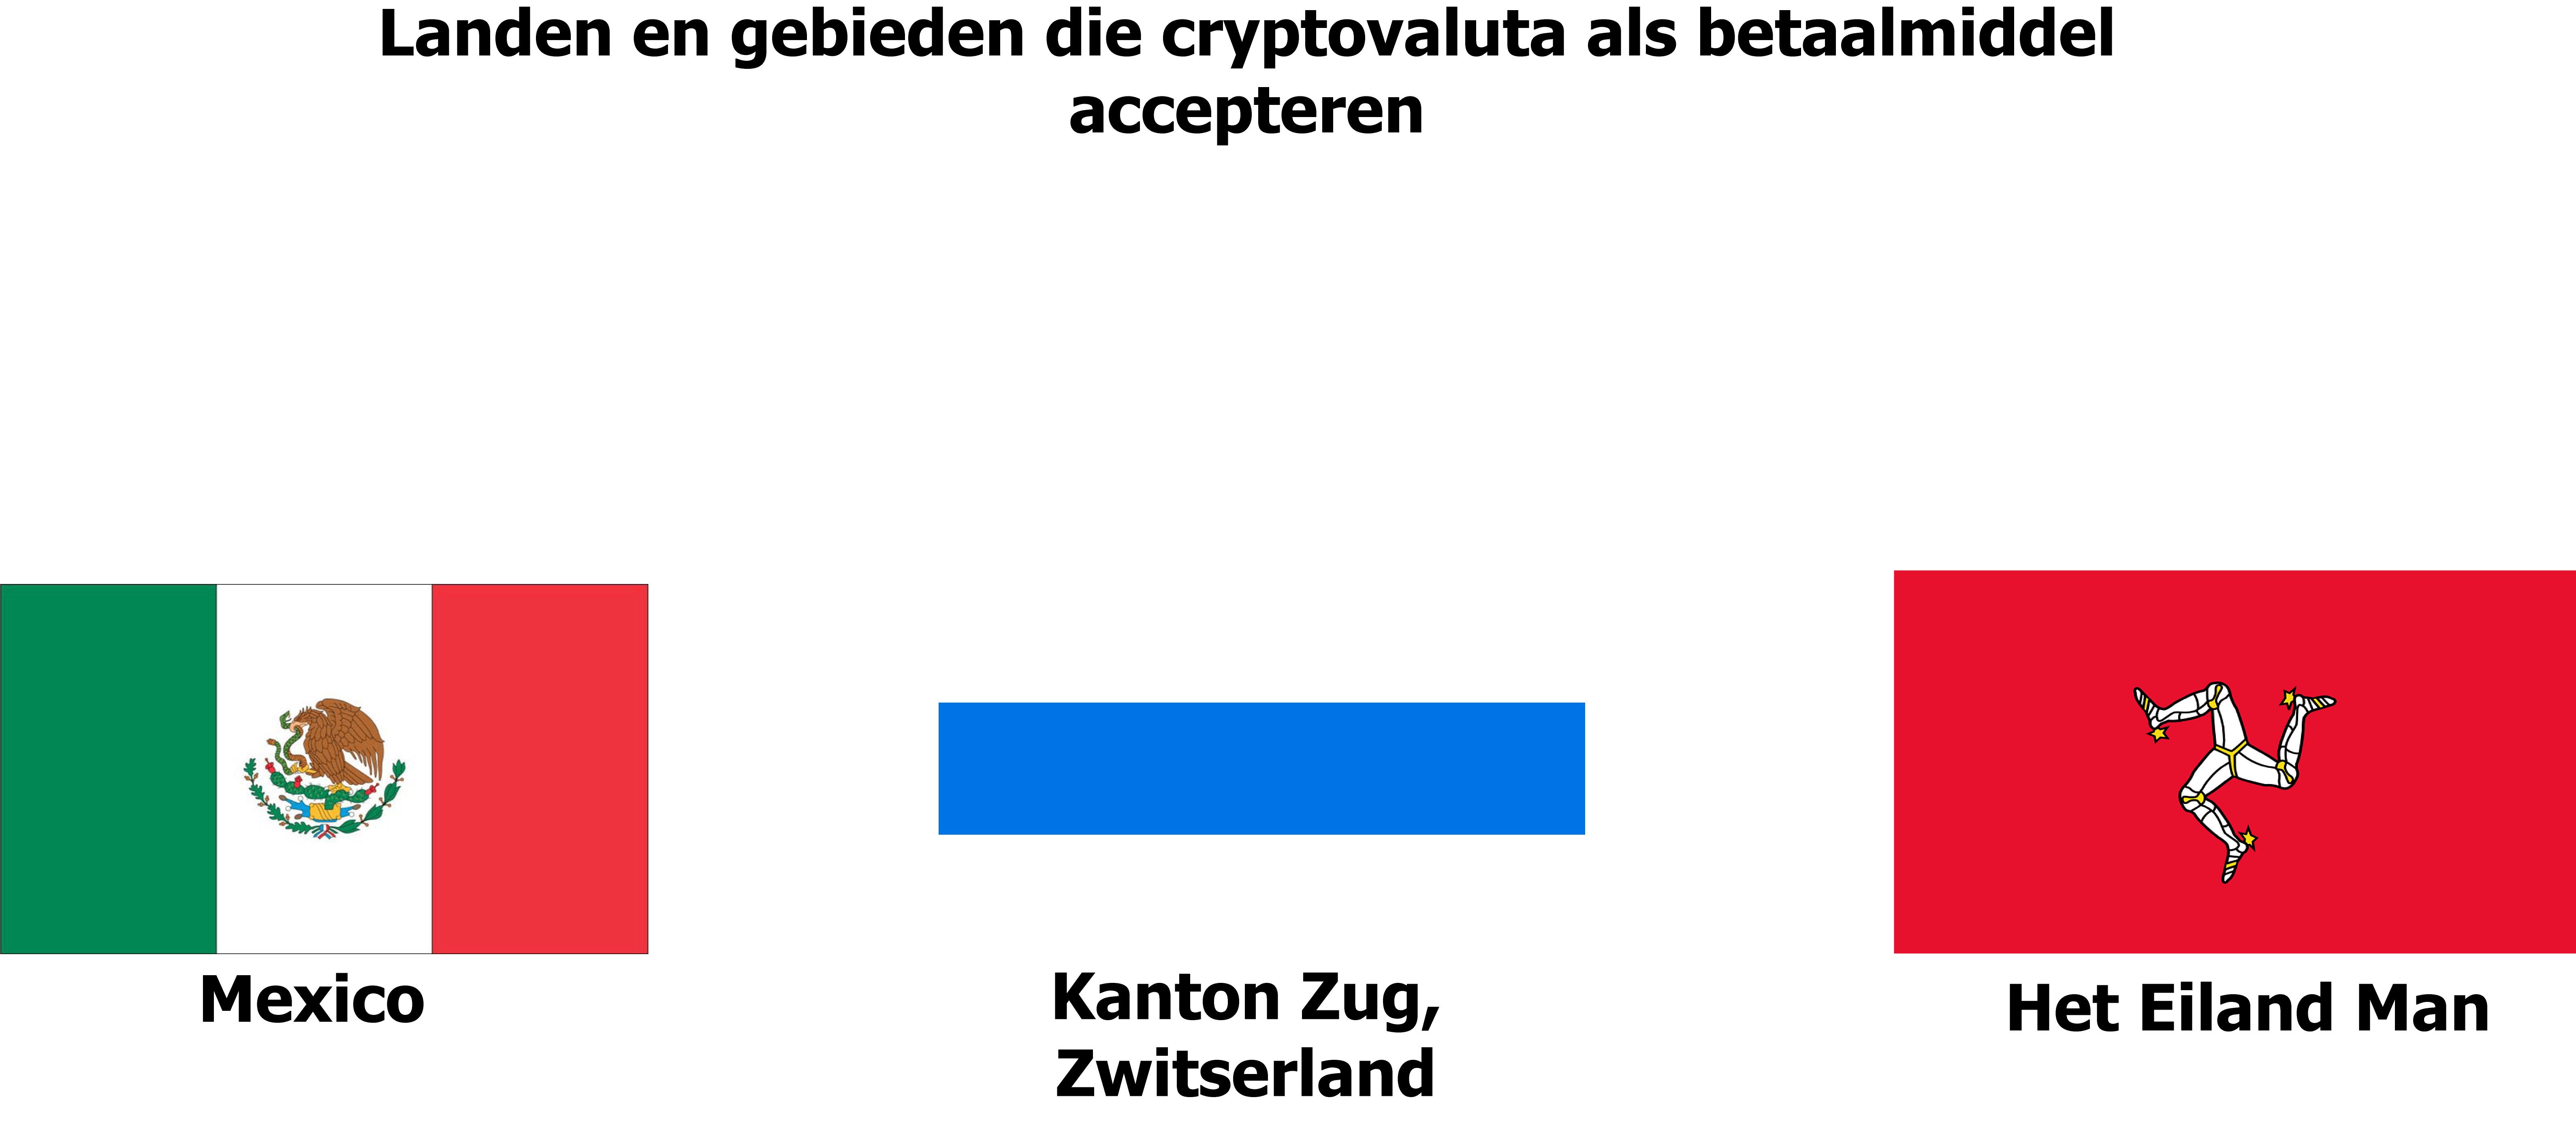 Afbeelding met de vlaggen van het eiland Man, het kanton Zug en Mexico, landen/regio's die  betalingen in cryptovaluta accepteren.